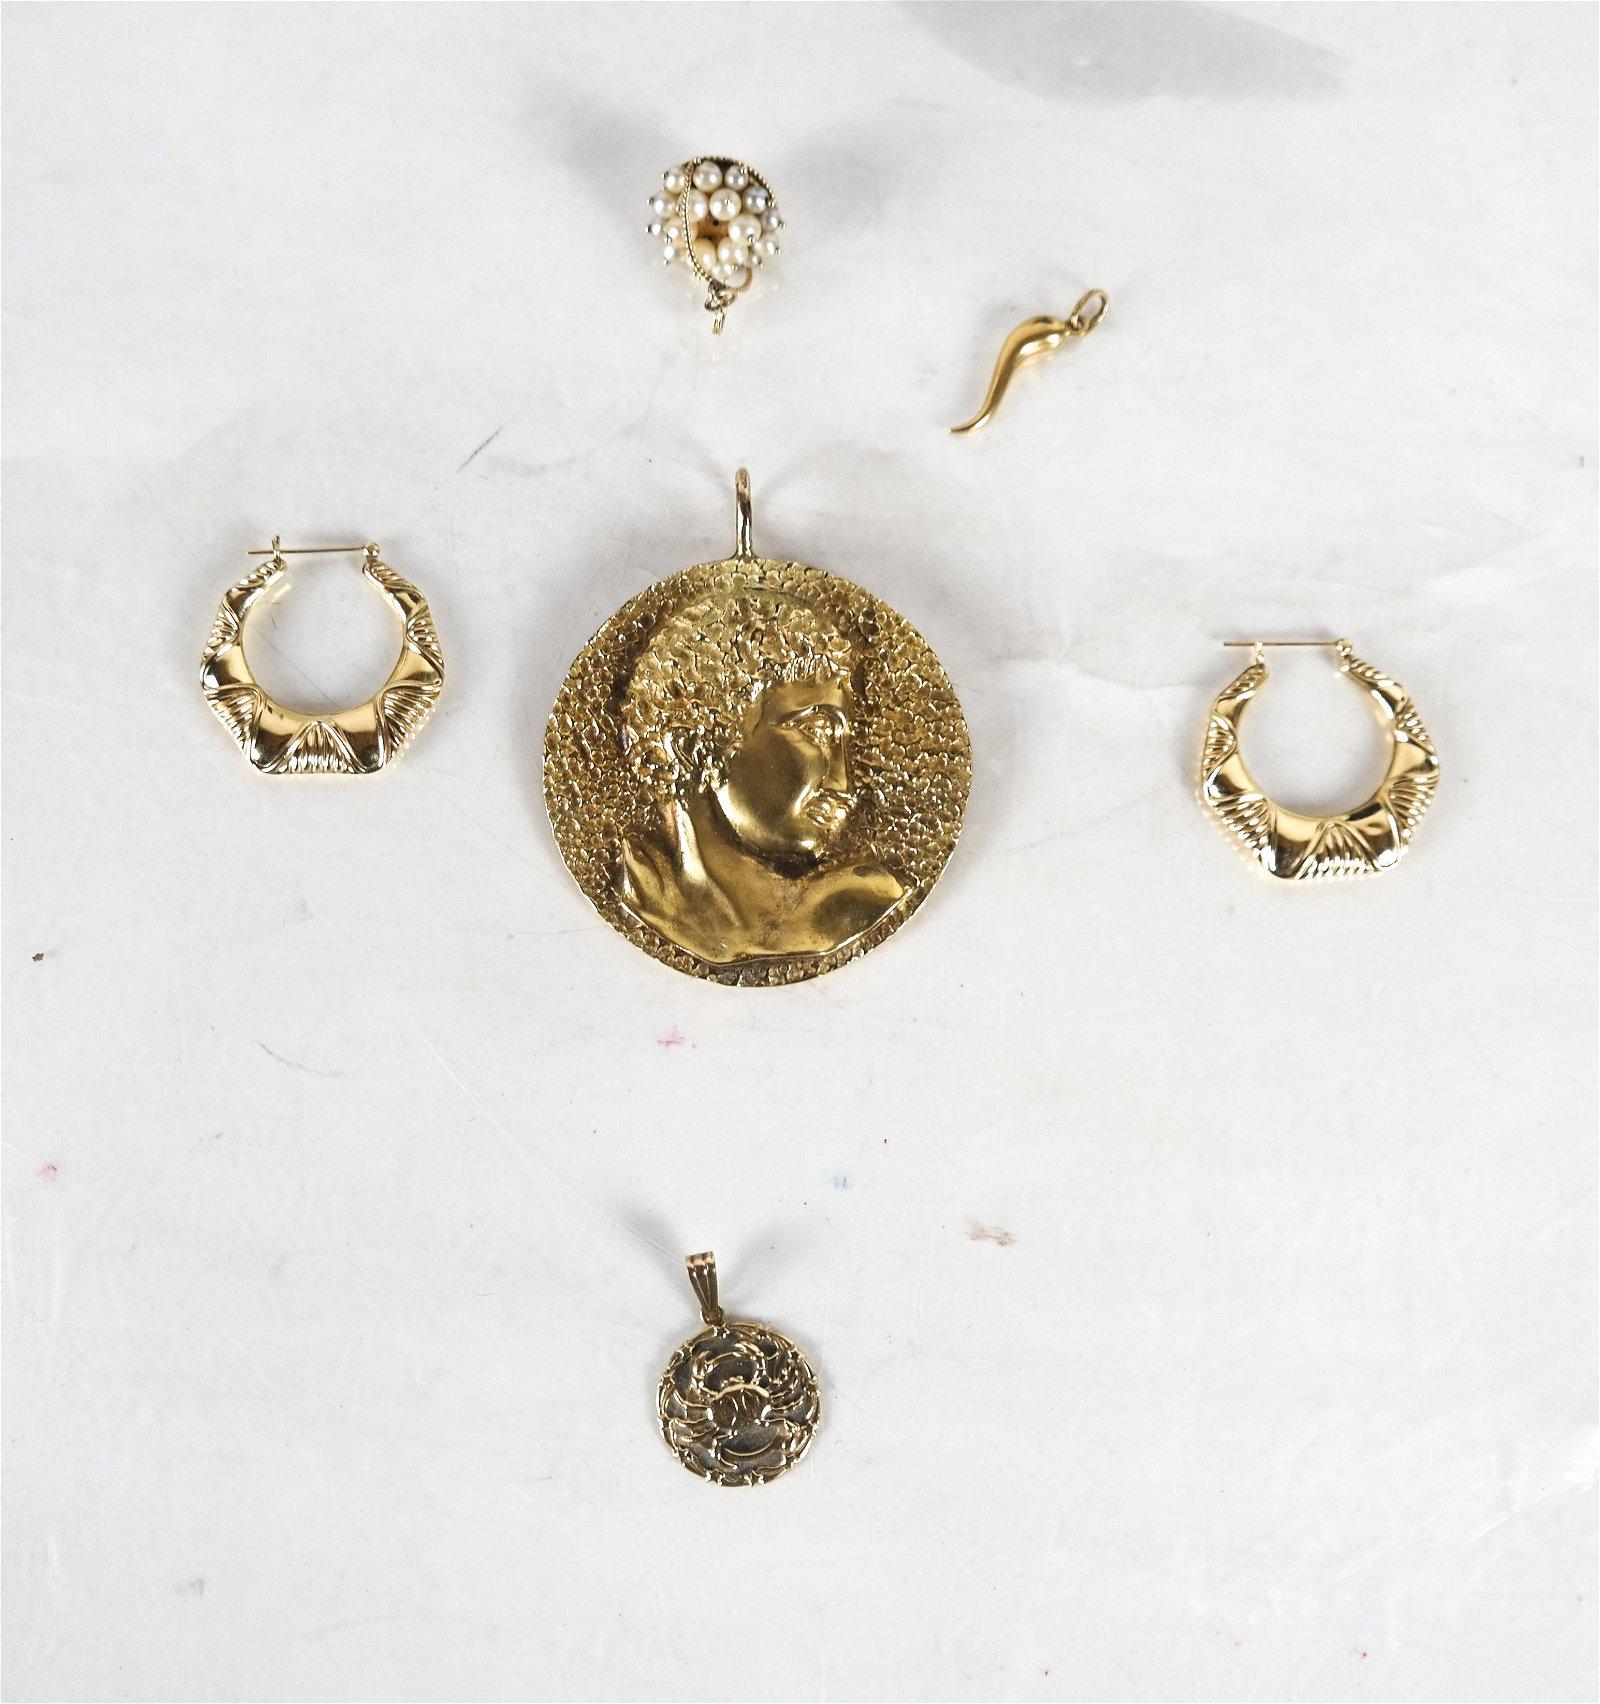 Jewelry: Five 14k Gold Jewelry Pieces